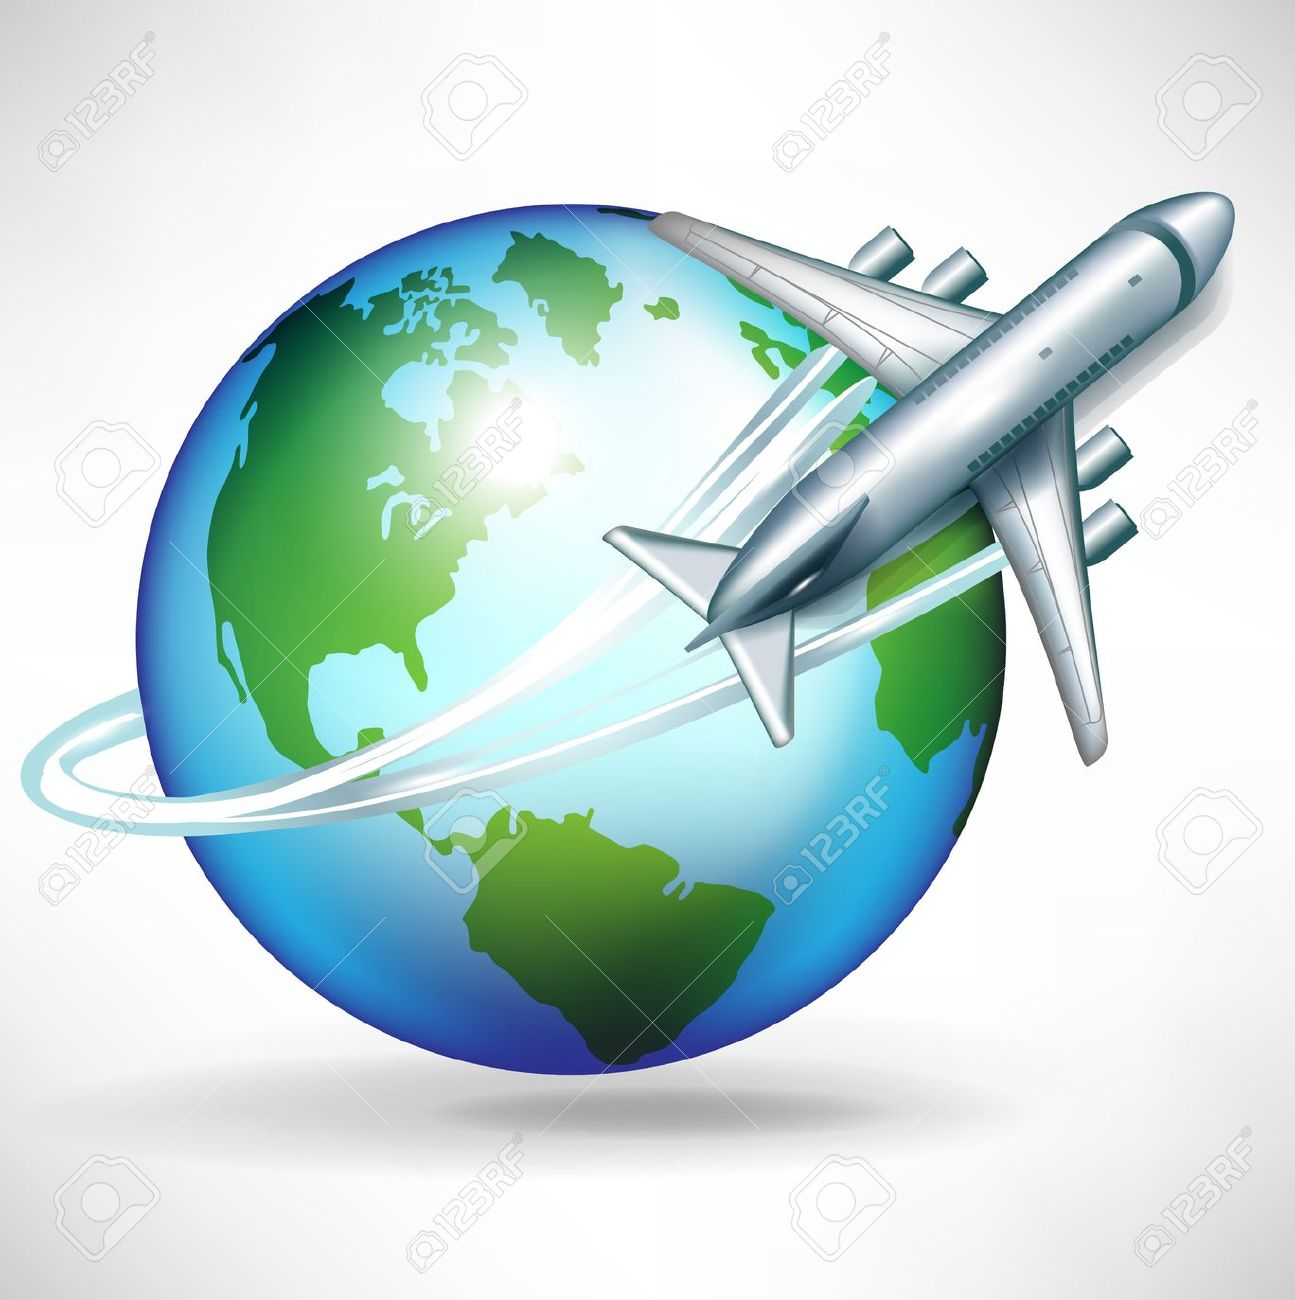 Travel Around The World Clipart Overseas Stock Vector Illustration.